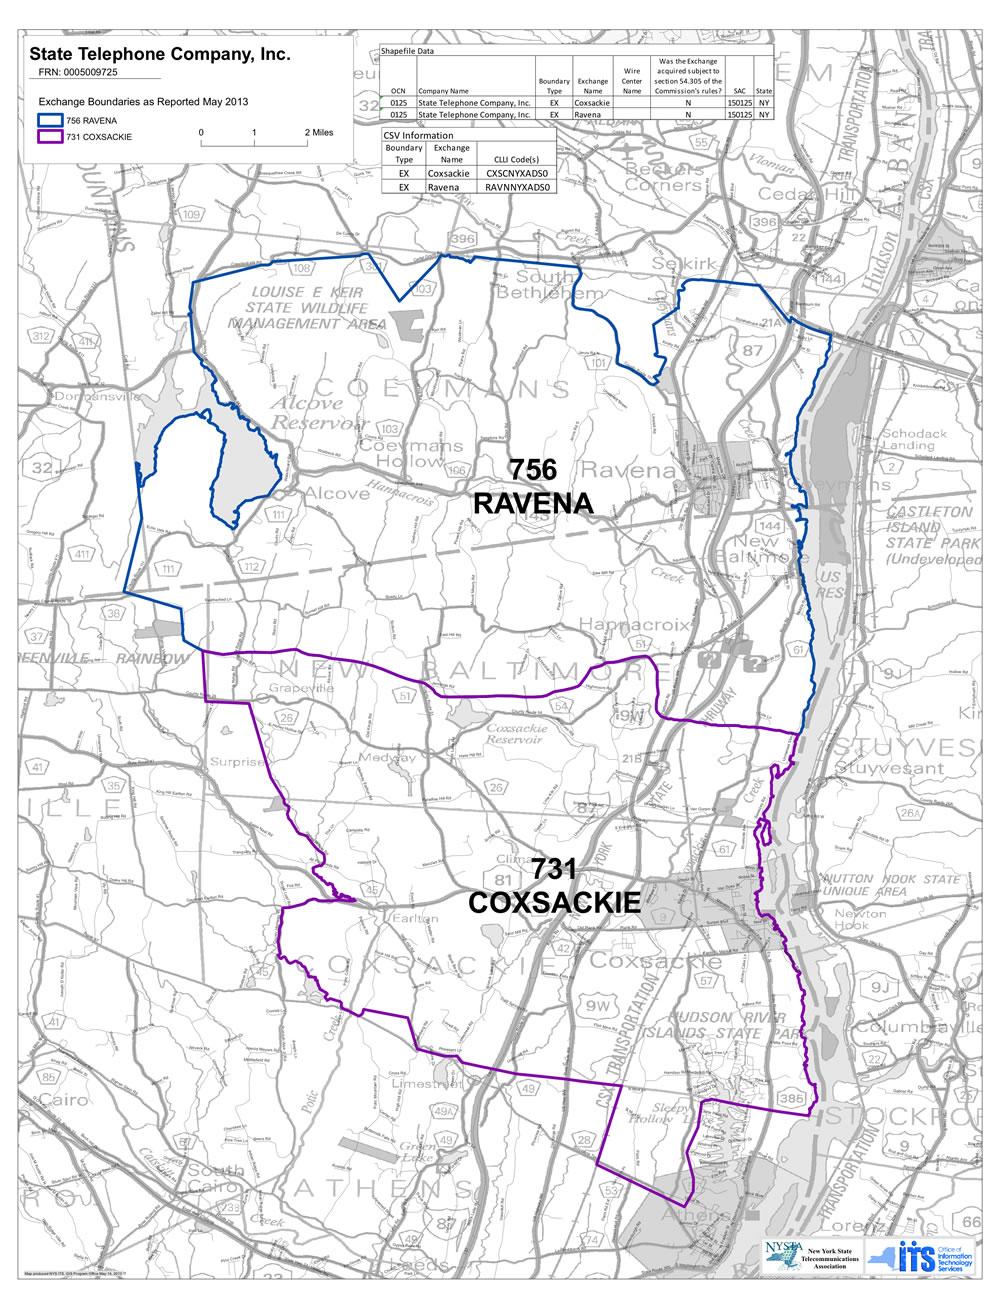 Phone Service Area Map